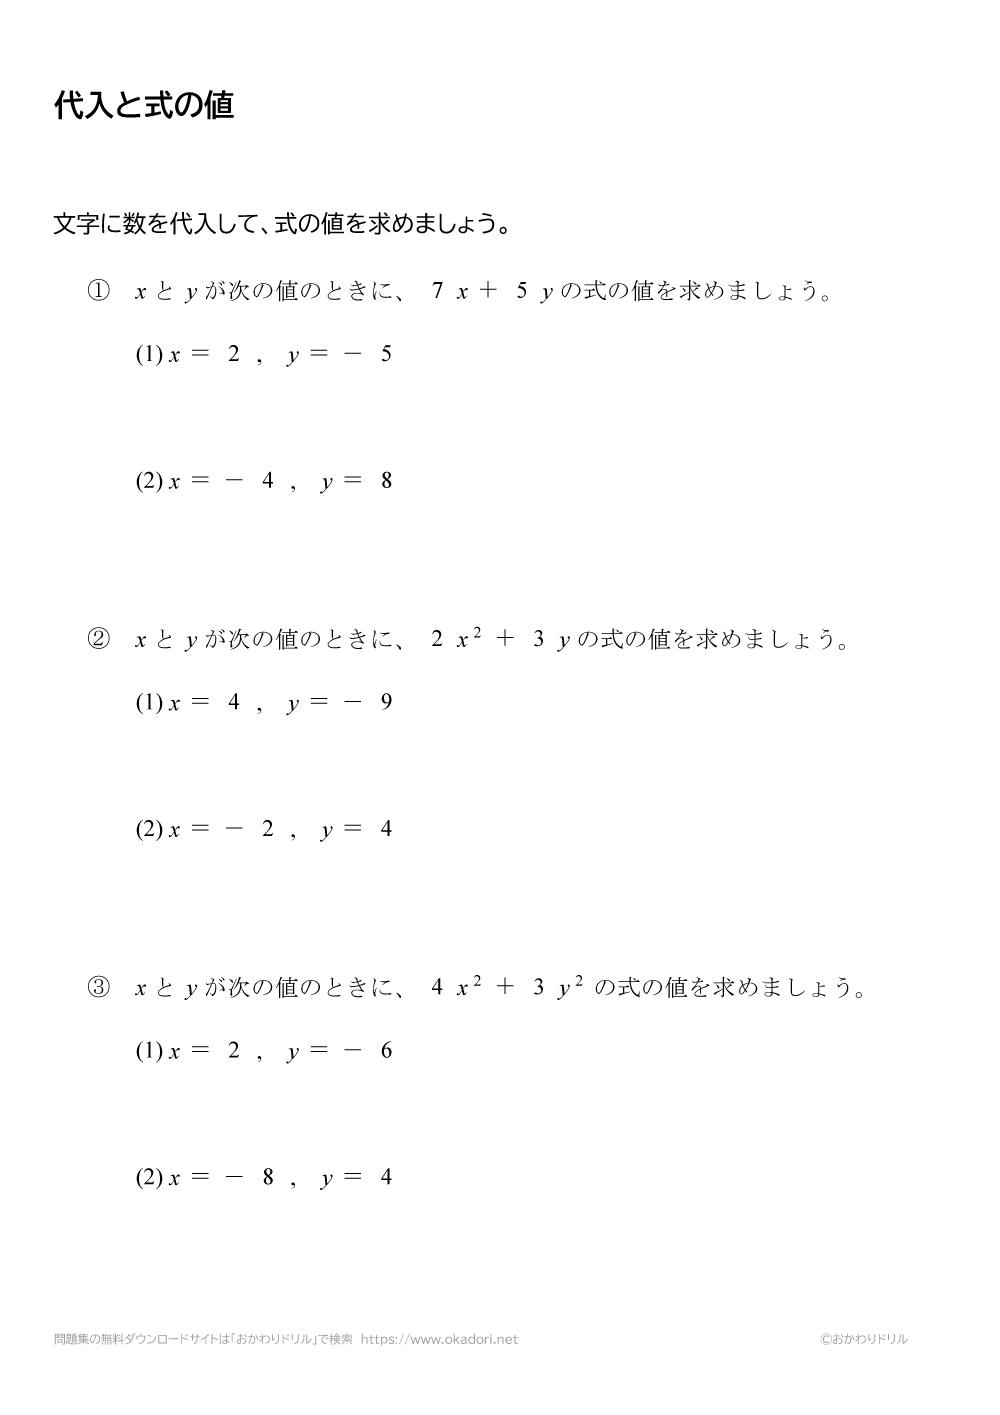 代入と式の値6